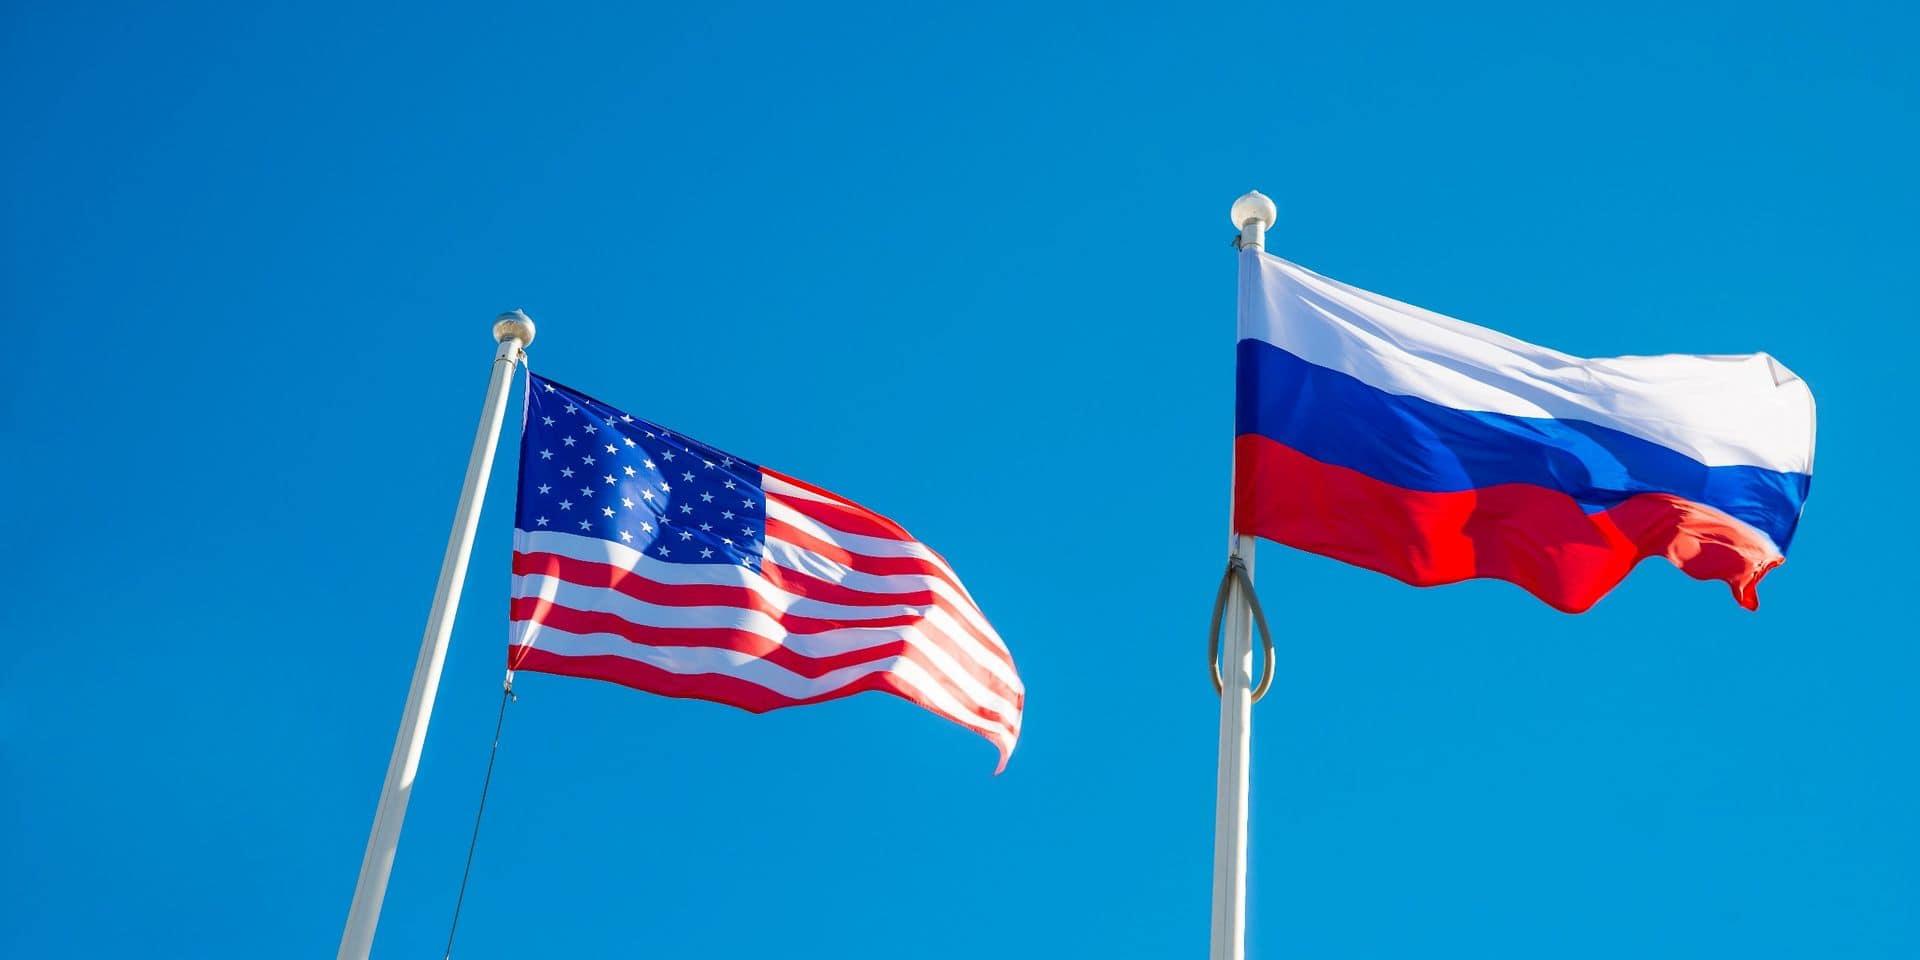 """Après que Biden a qualifié Poutine de """"tueur"""", les relations russo-américaines sont tendues: l'ambassadeur russe quittera Washington samedi"""